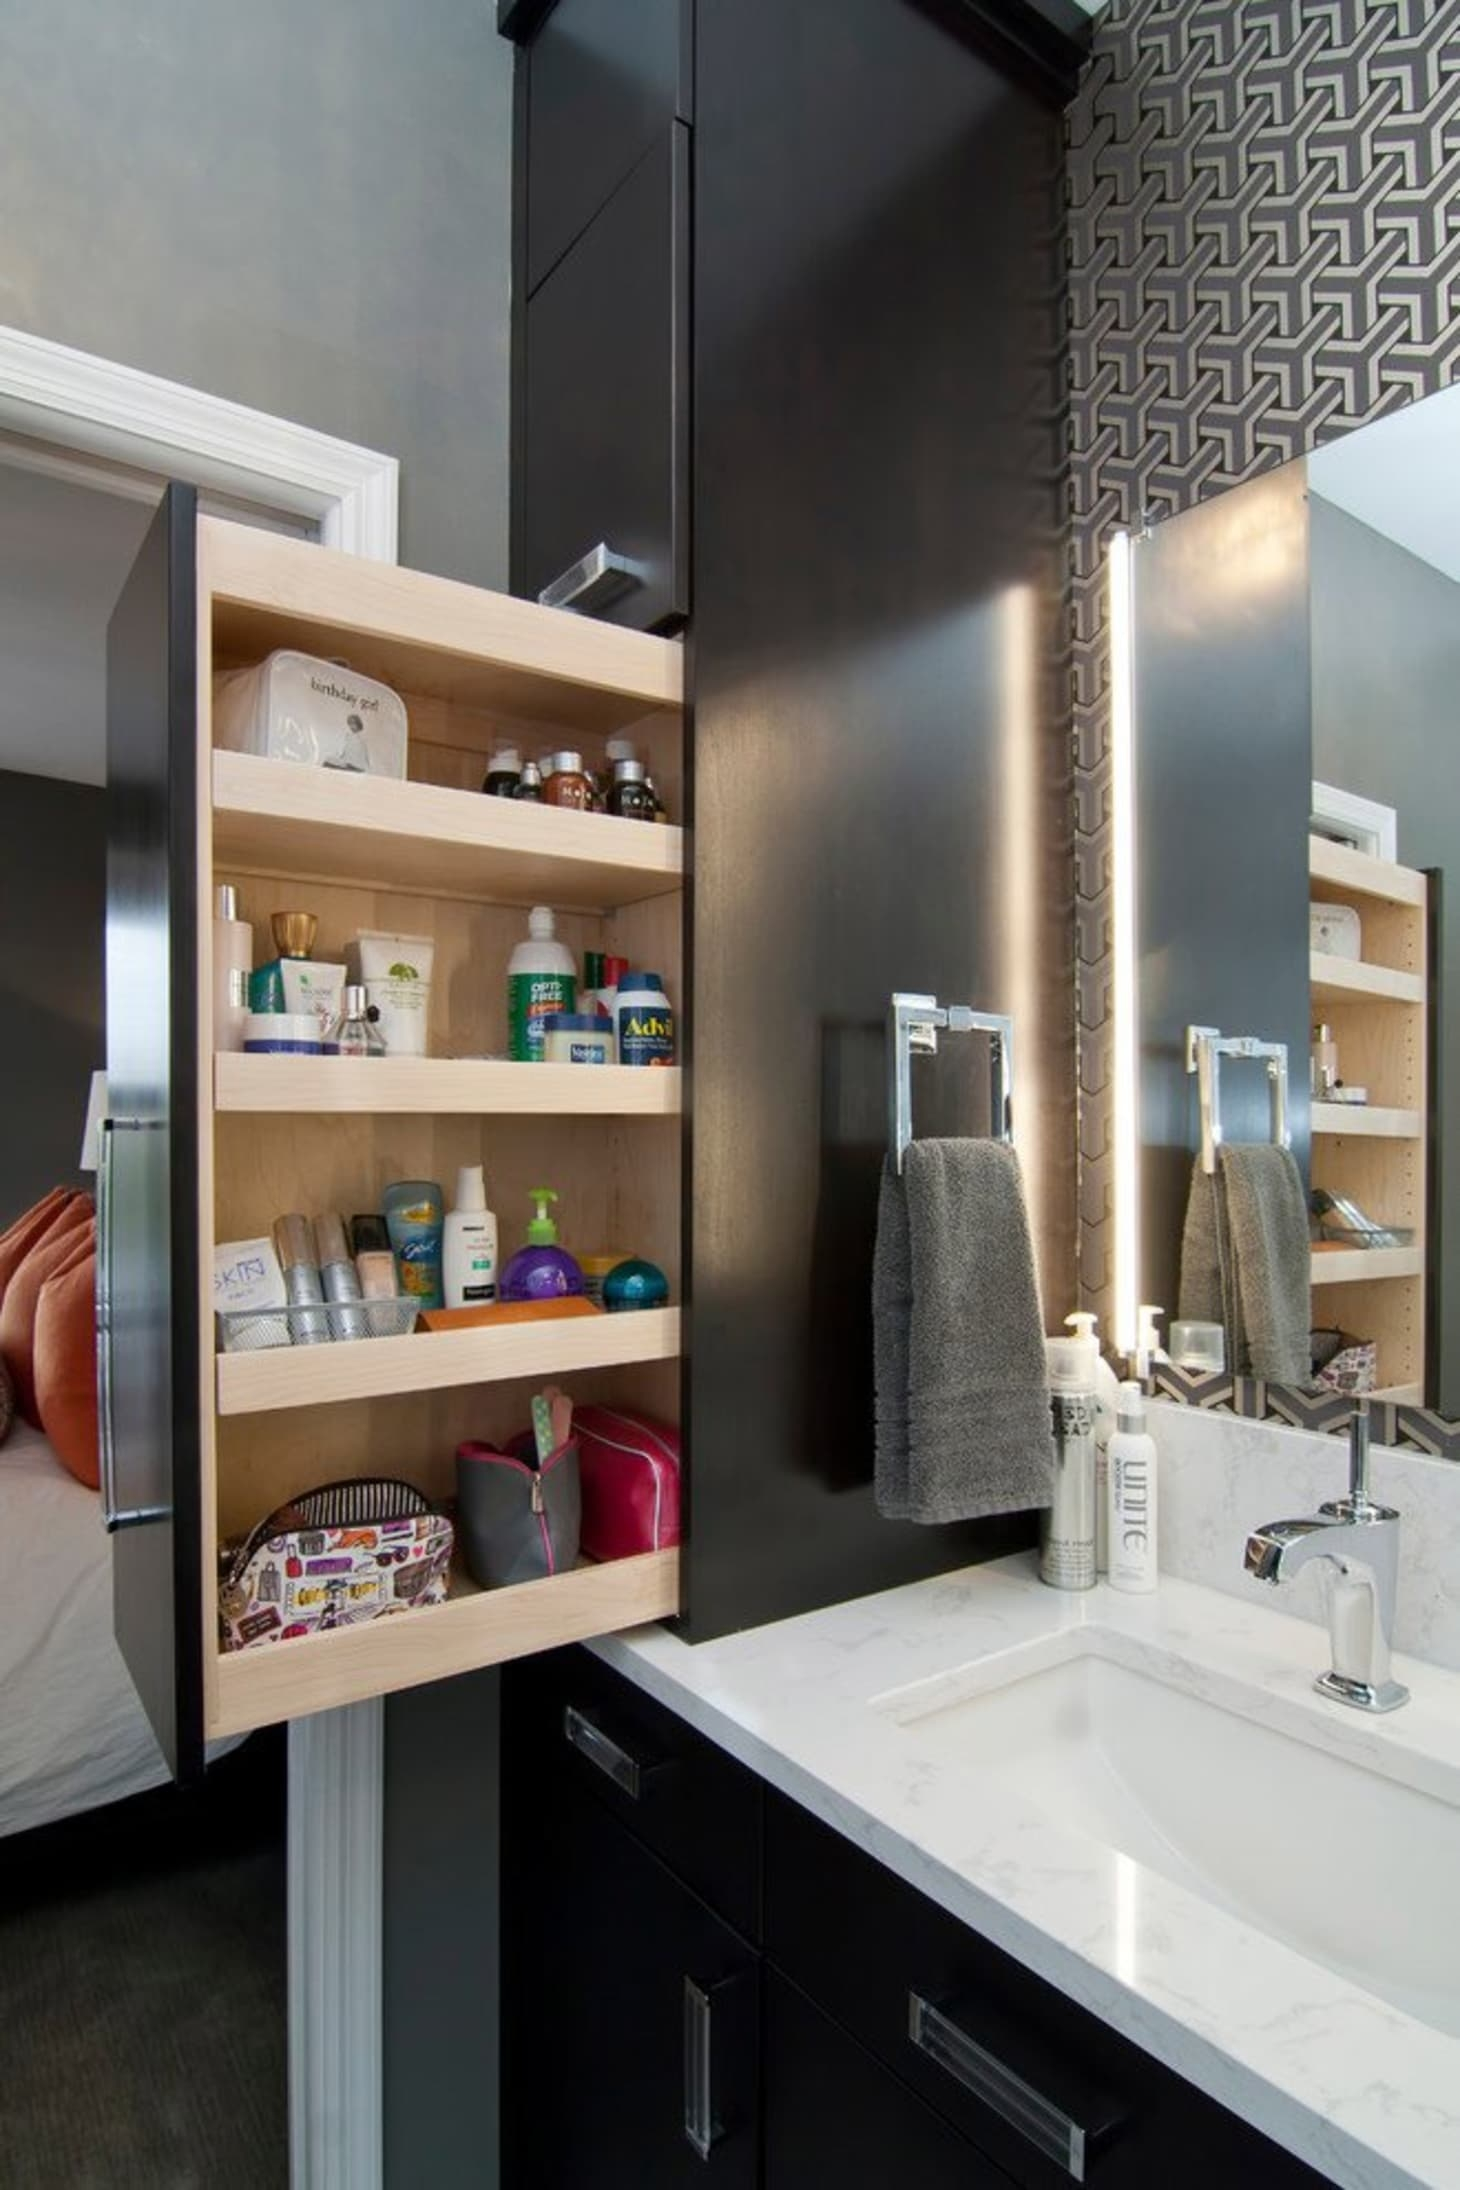 Bathroom Countertop Shelves